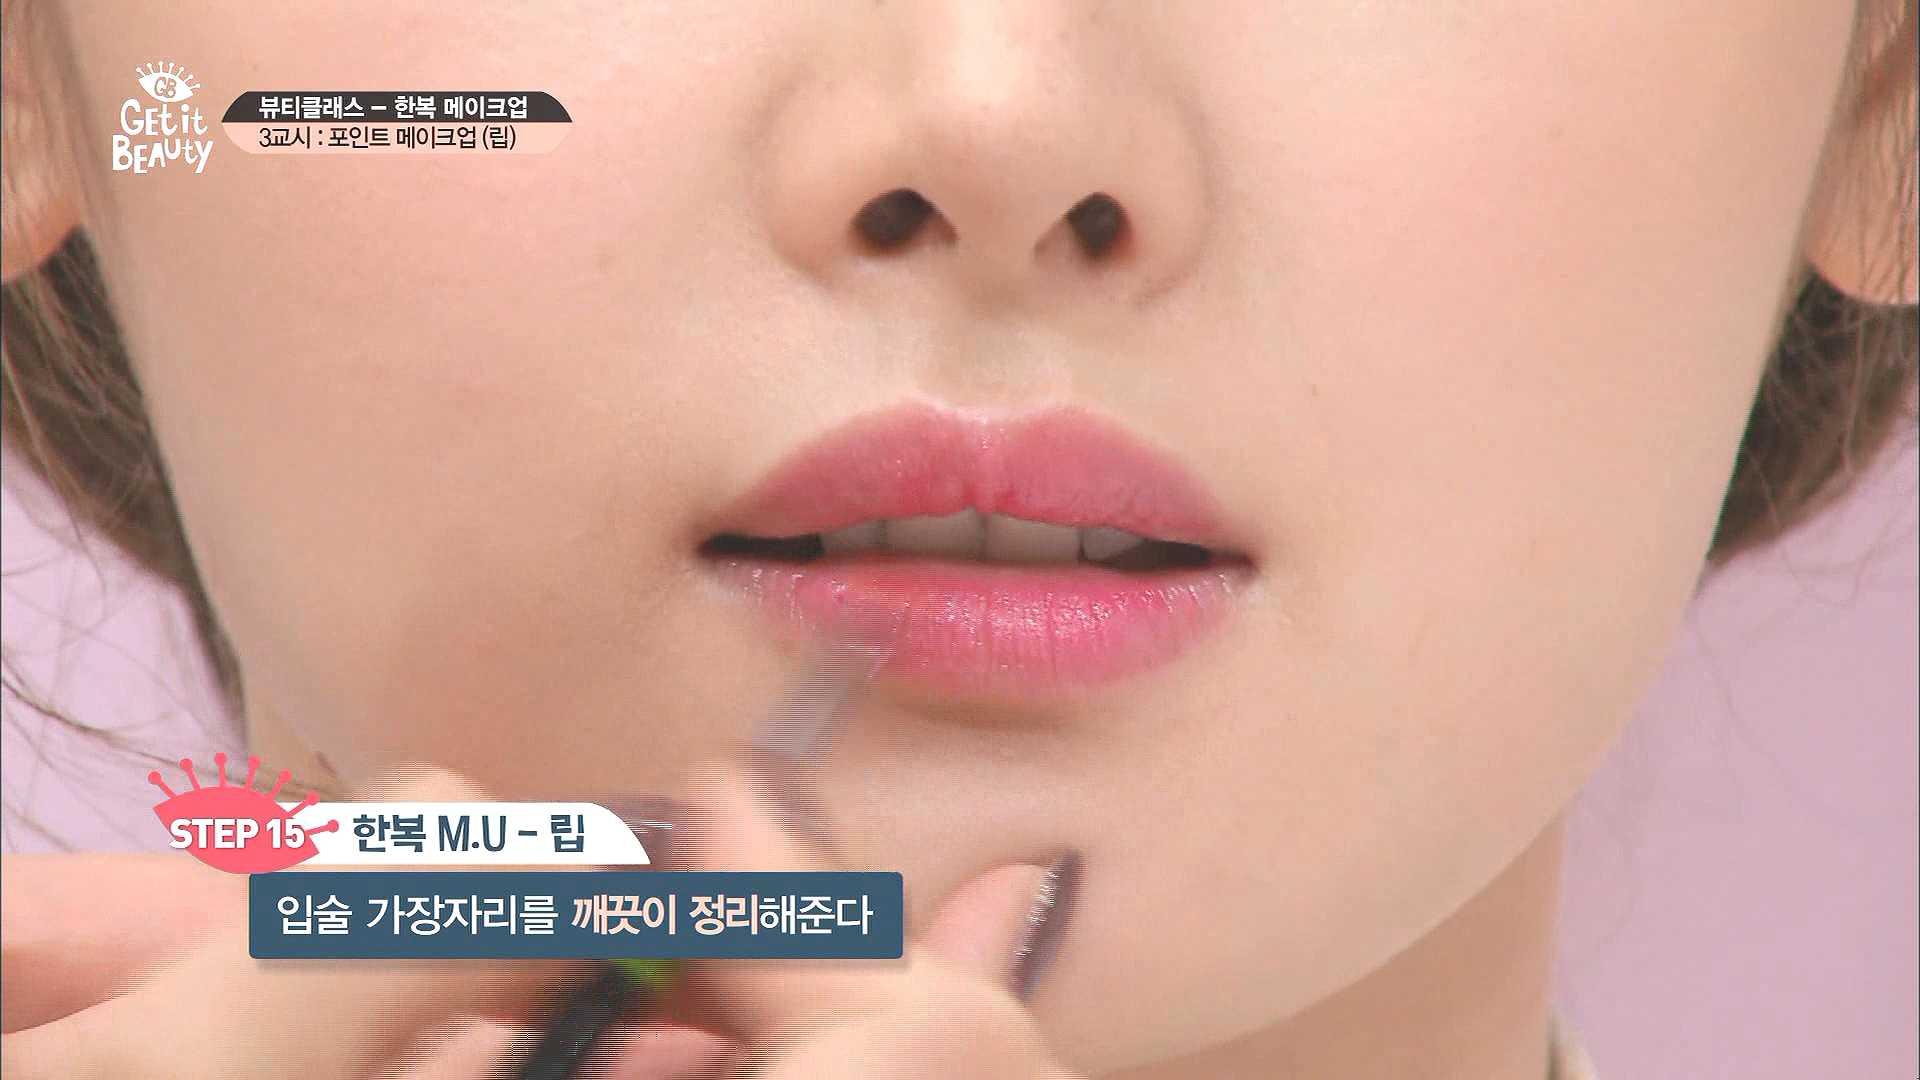 다음은 입술 가장자리를 깨끗이 정리해줄게요